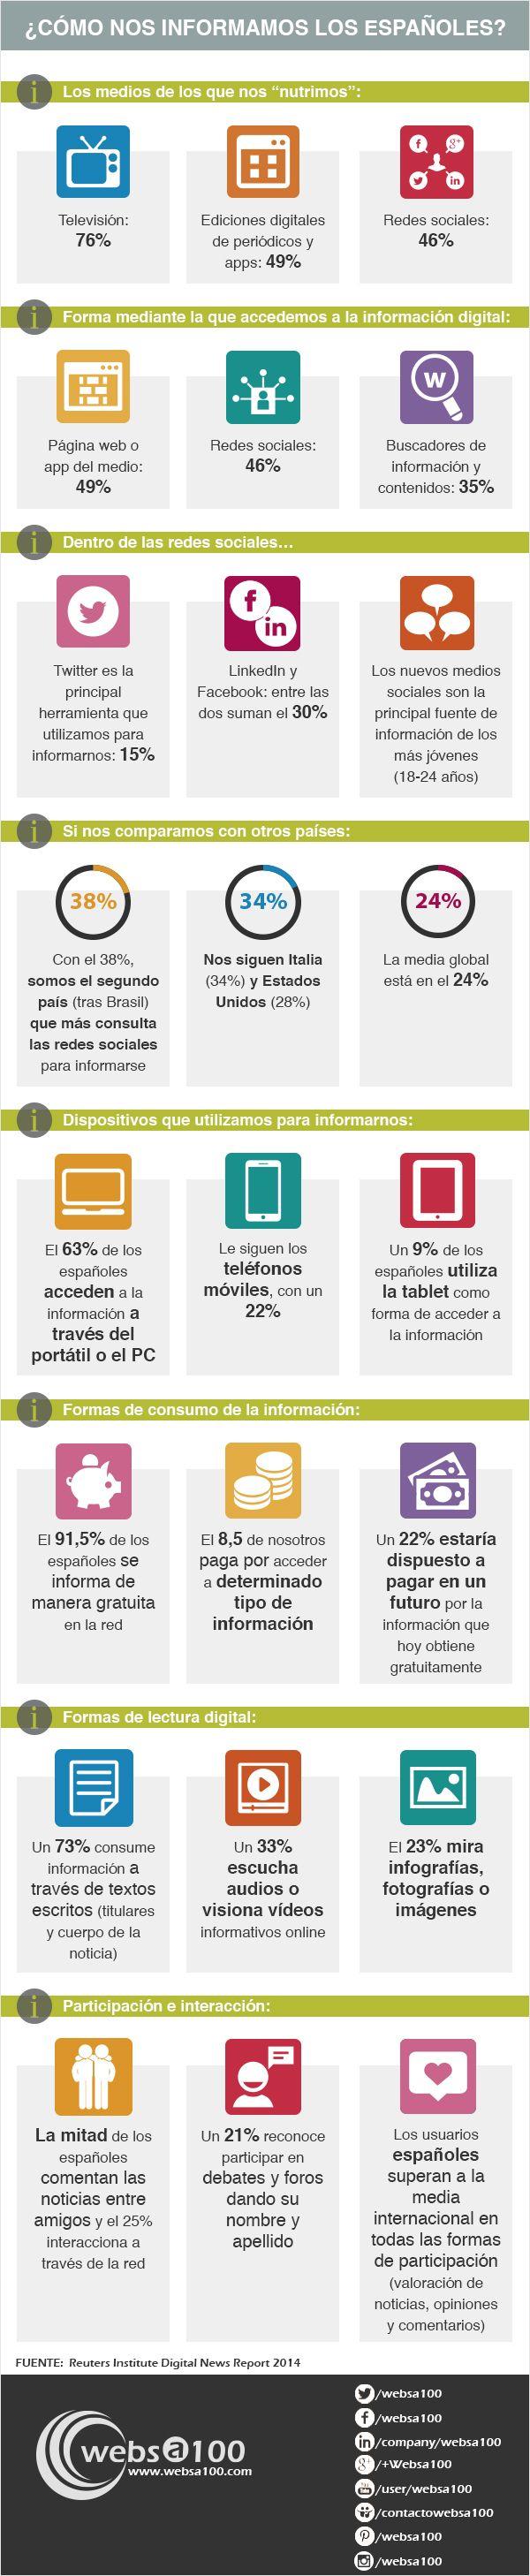 Cómo nos informamos los españoles. Evolución de los medios de comunicación en España